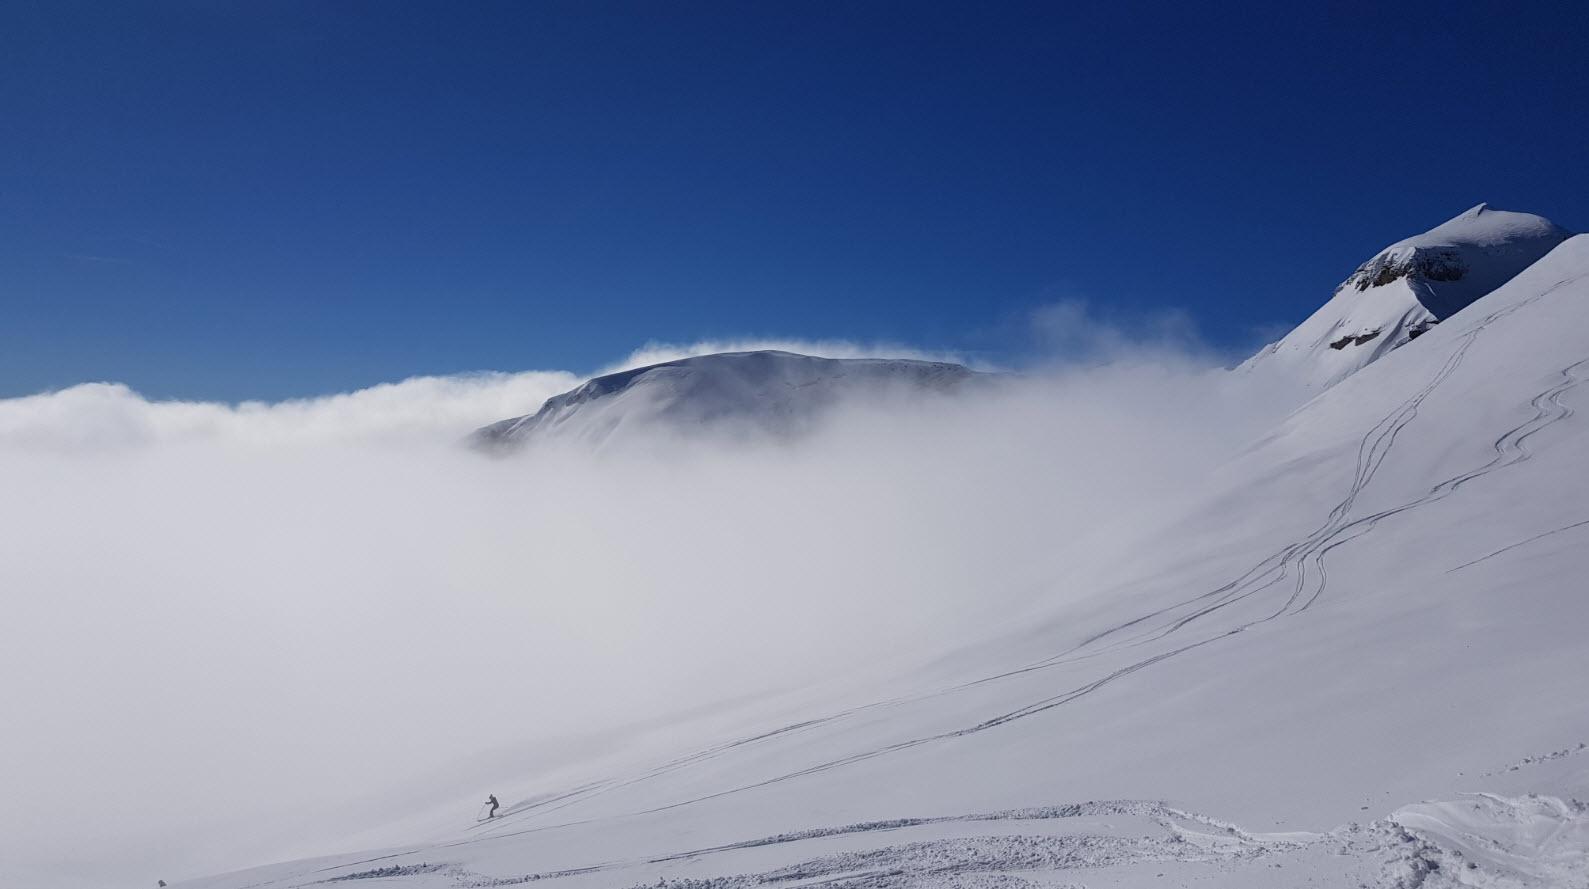 Domaine skiable Flaine